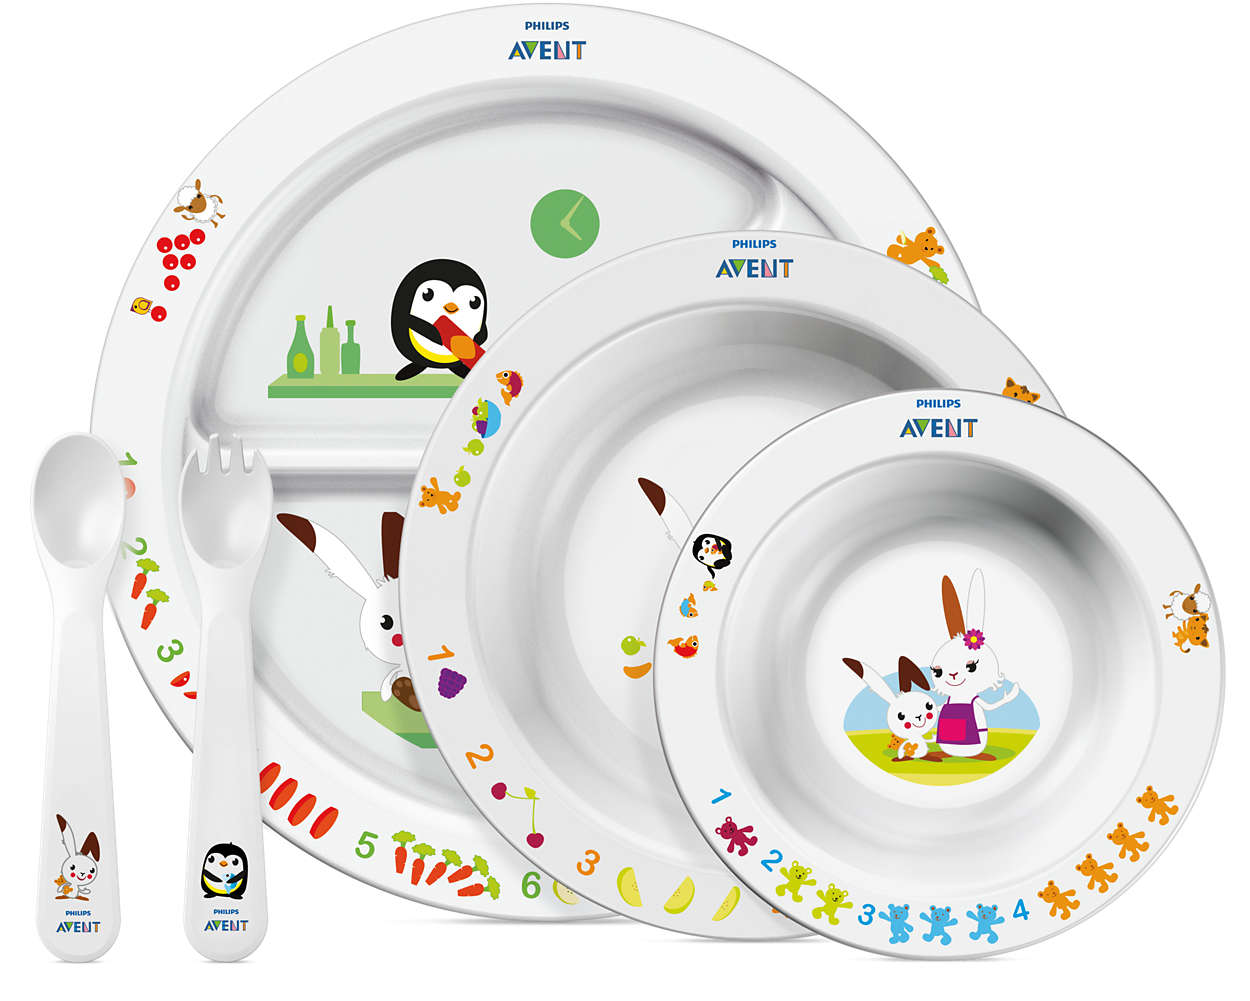 Örömteli tanulás, evésre ösztönzi a babát